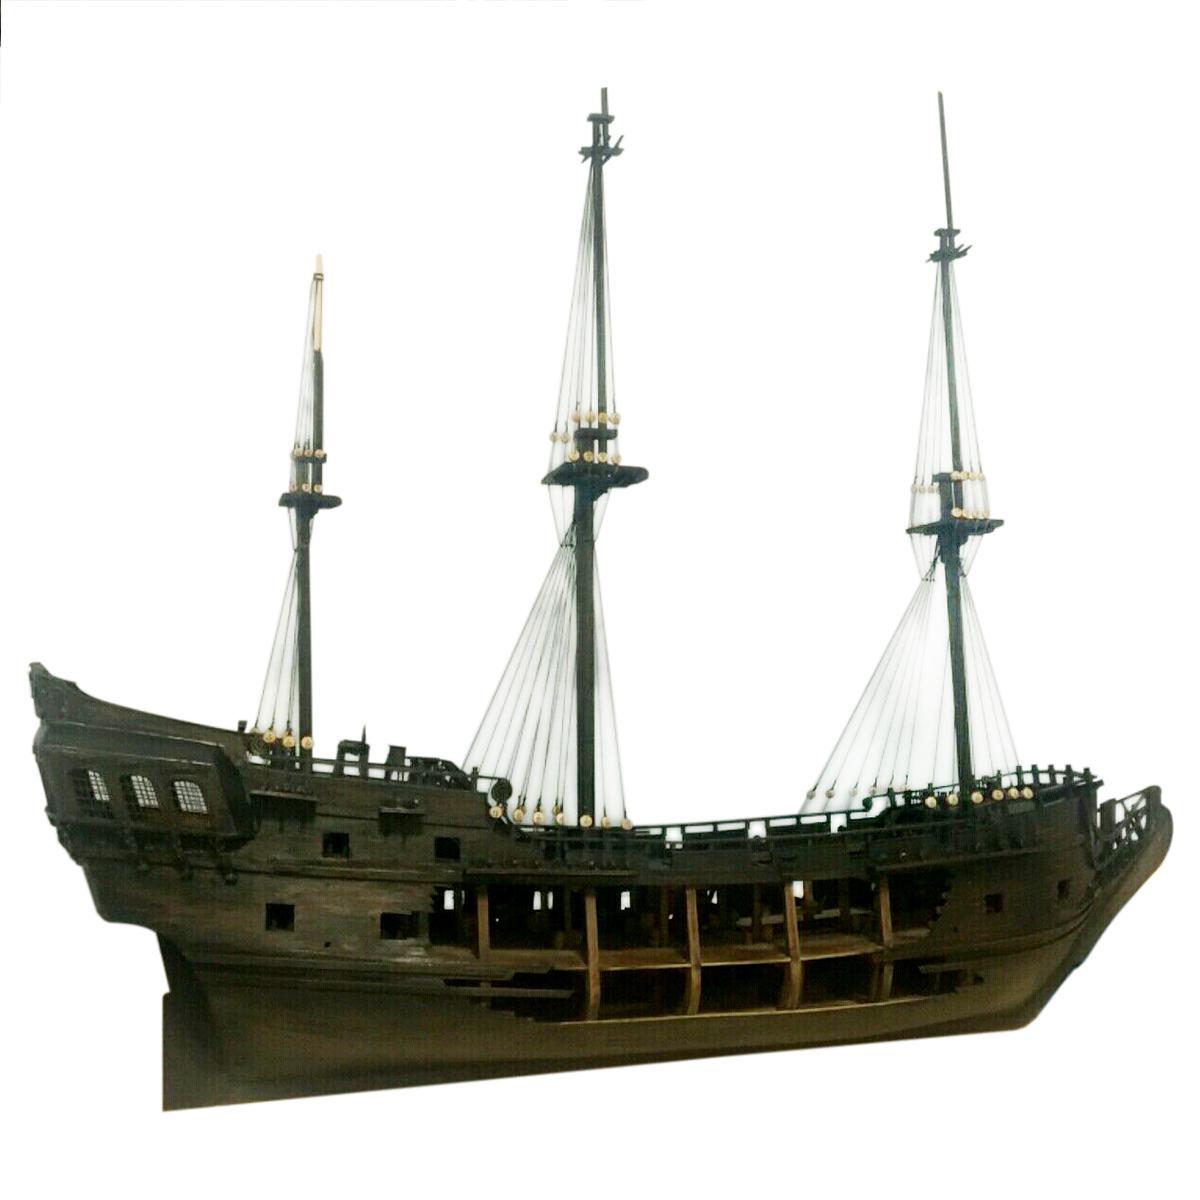 1:50 DIY Handwerk Holz Boot Modell Kit für Schwarz Perle Segeln Schiff für s der Karibik Montage Boot modell kit - 2